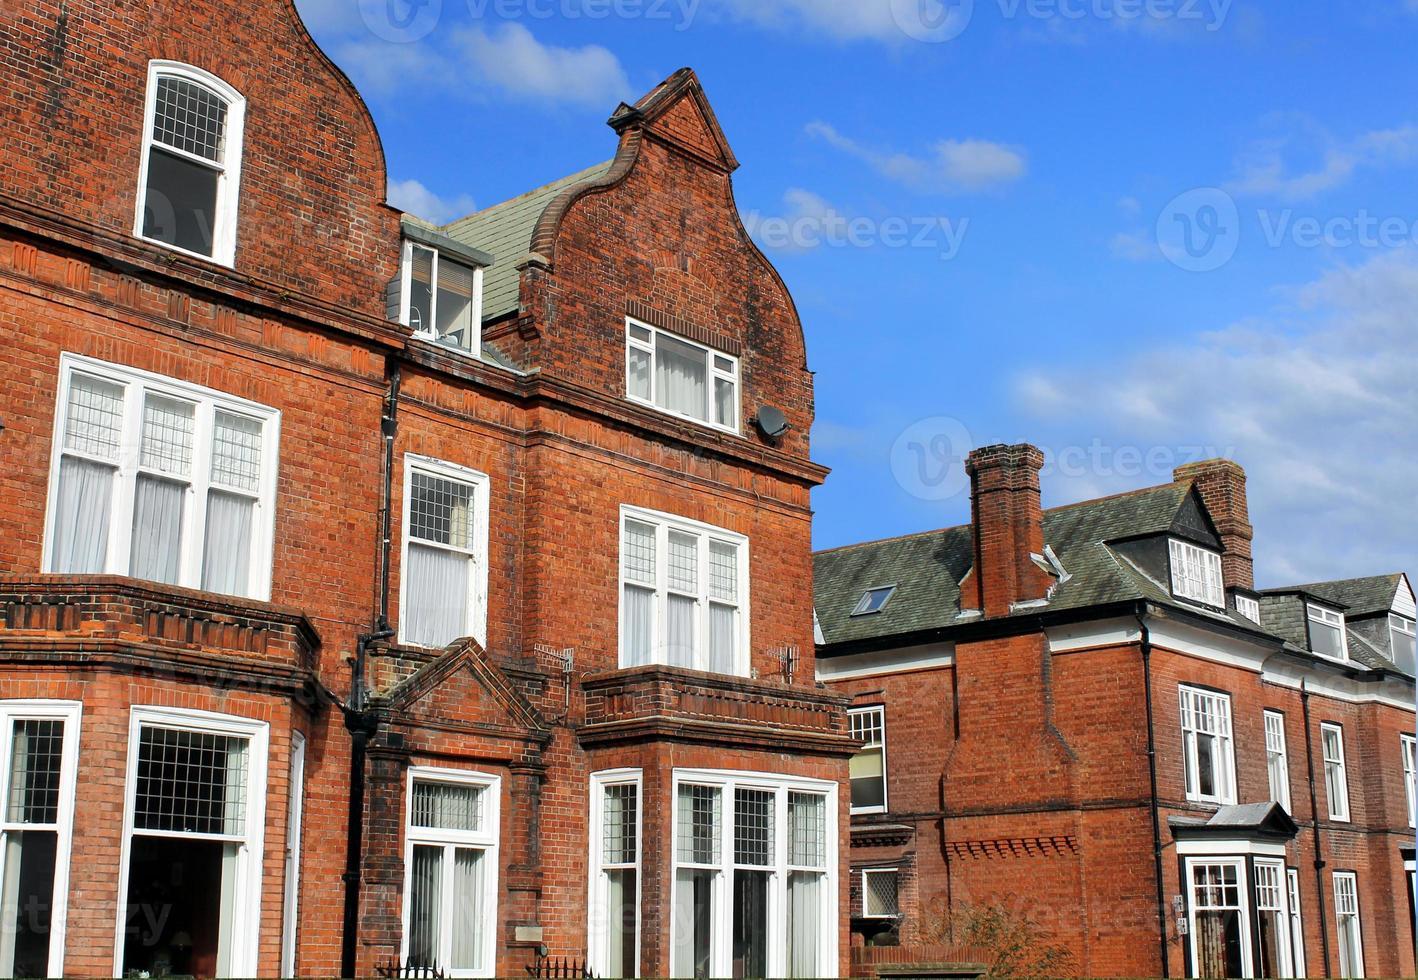 Reihe von roten Backsteinhäusern in der Straße foto